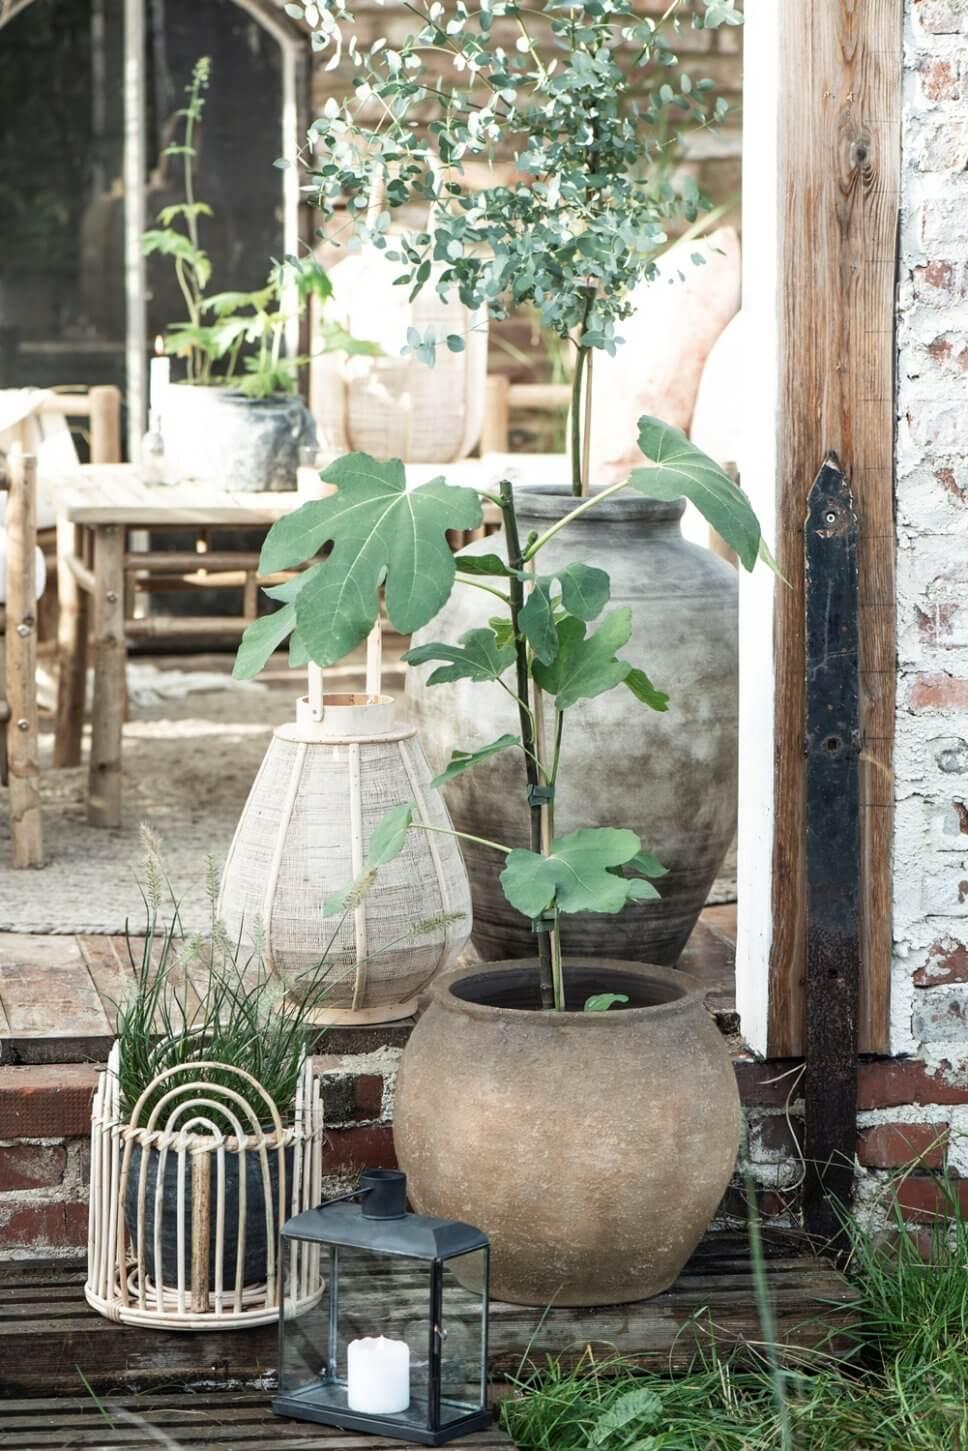 Kübelpflanzen und Laternen am Rand einer gemütlich eingerichtete Terrasse in Skandinavien